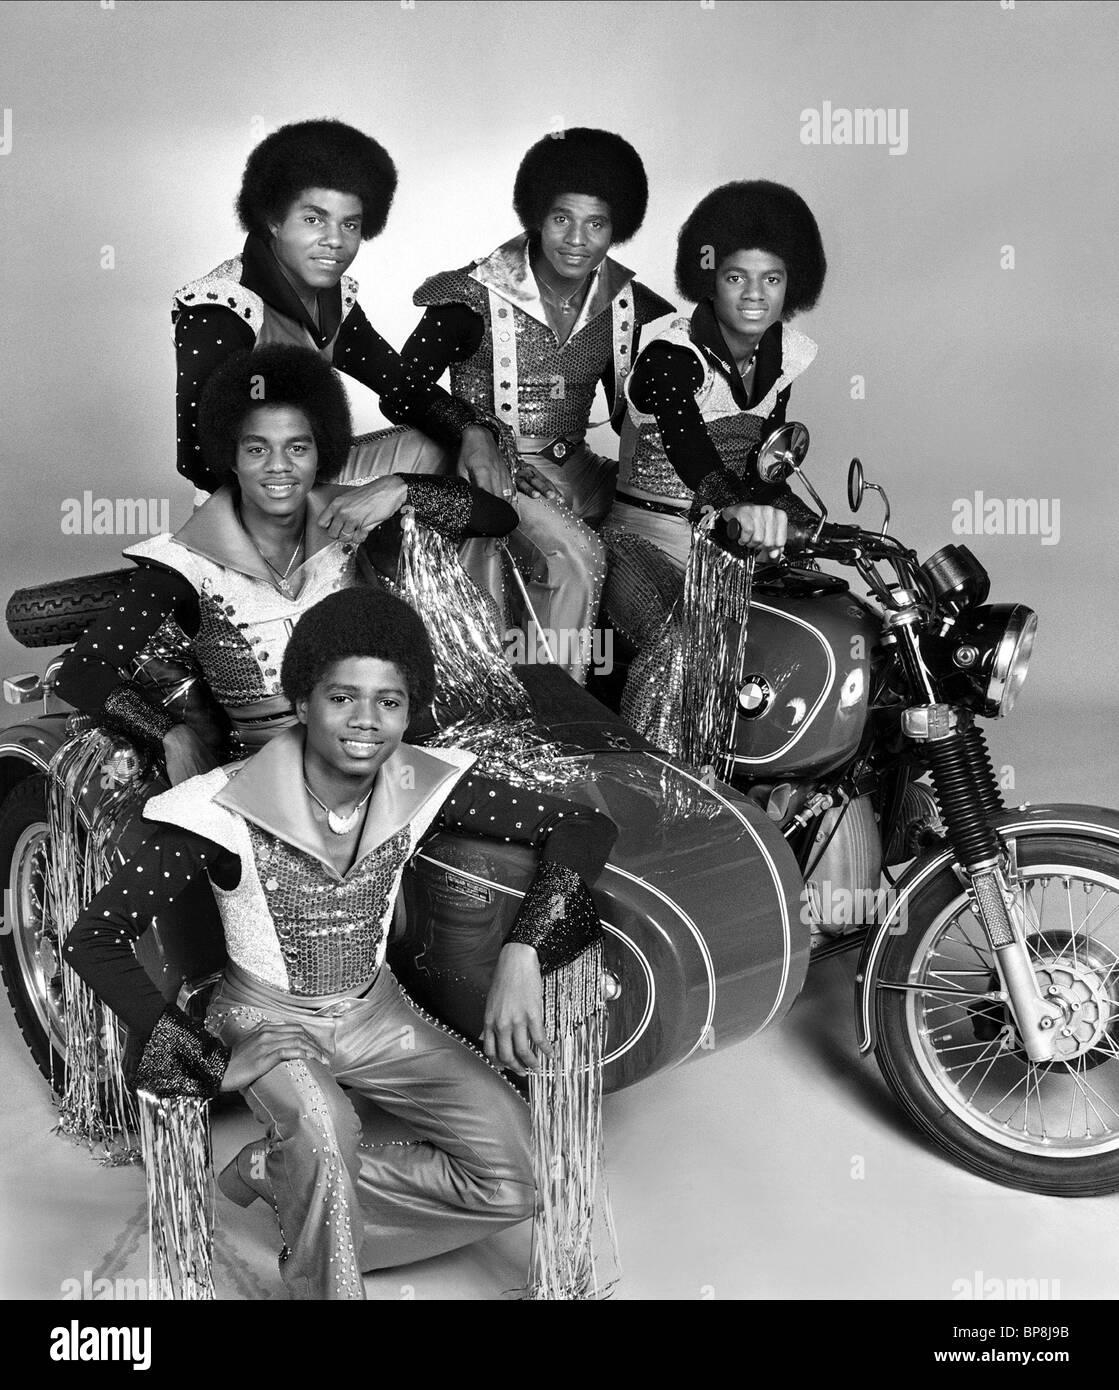 RANDY JACKSON MARLON JACKSON, Tito Jackson, Jackie Jackson & Michael Jackson los Jacksons (1977) Imagen De Stock